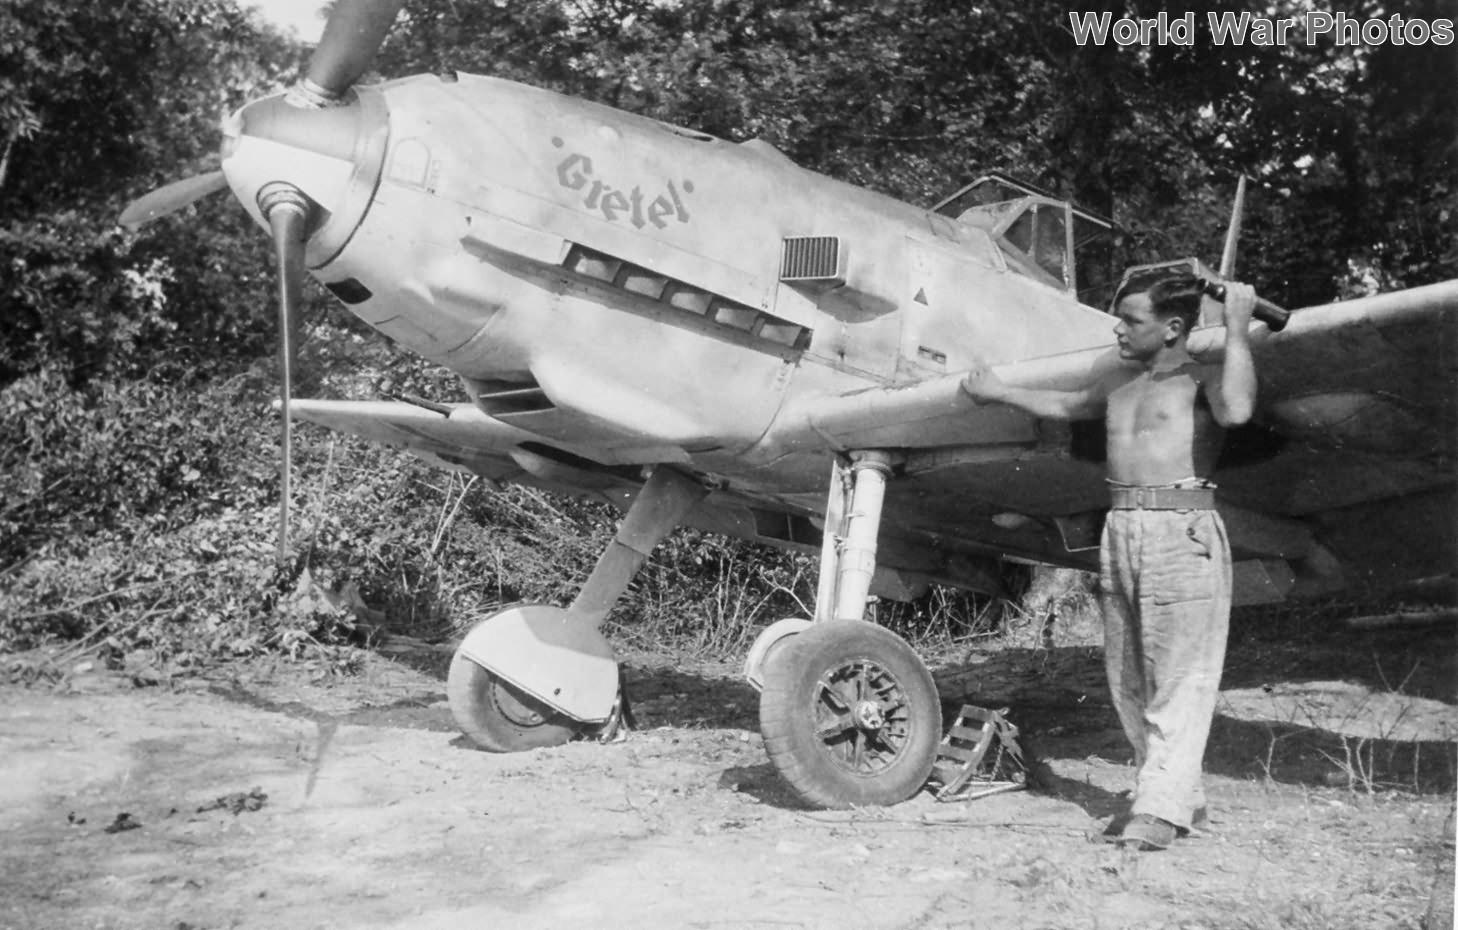 Bf 109E from JG 3 named Gretel